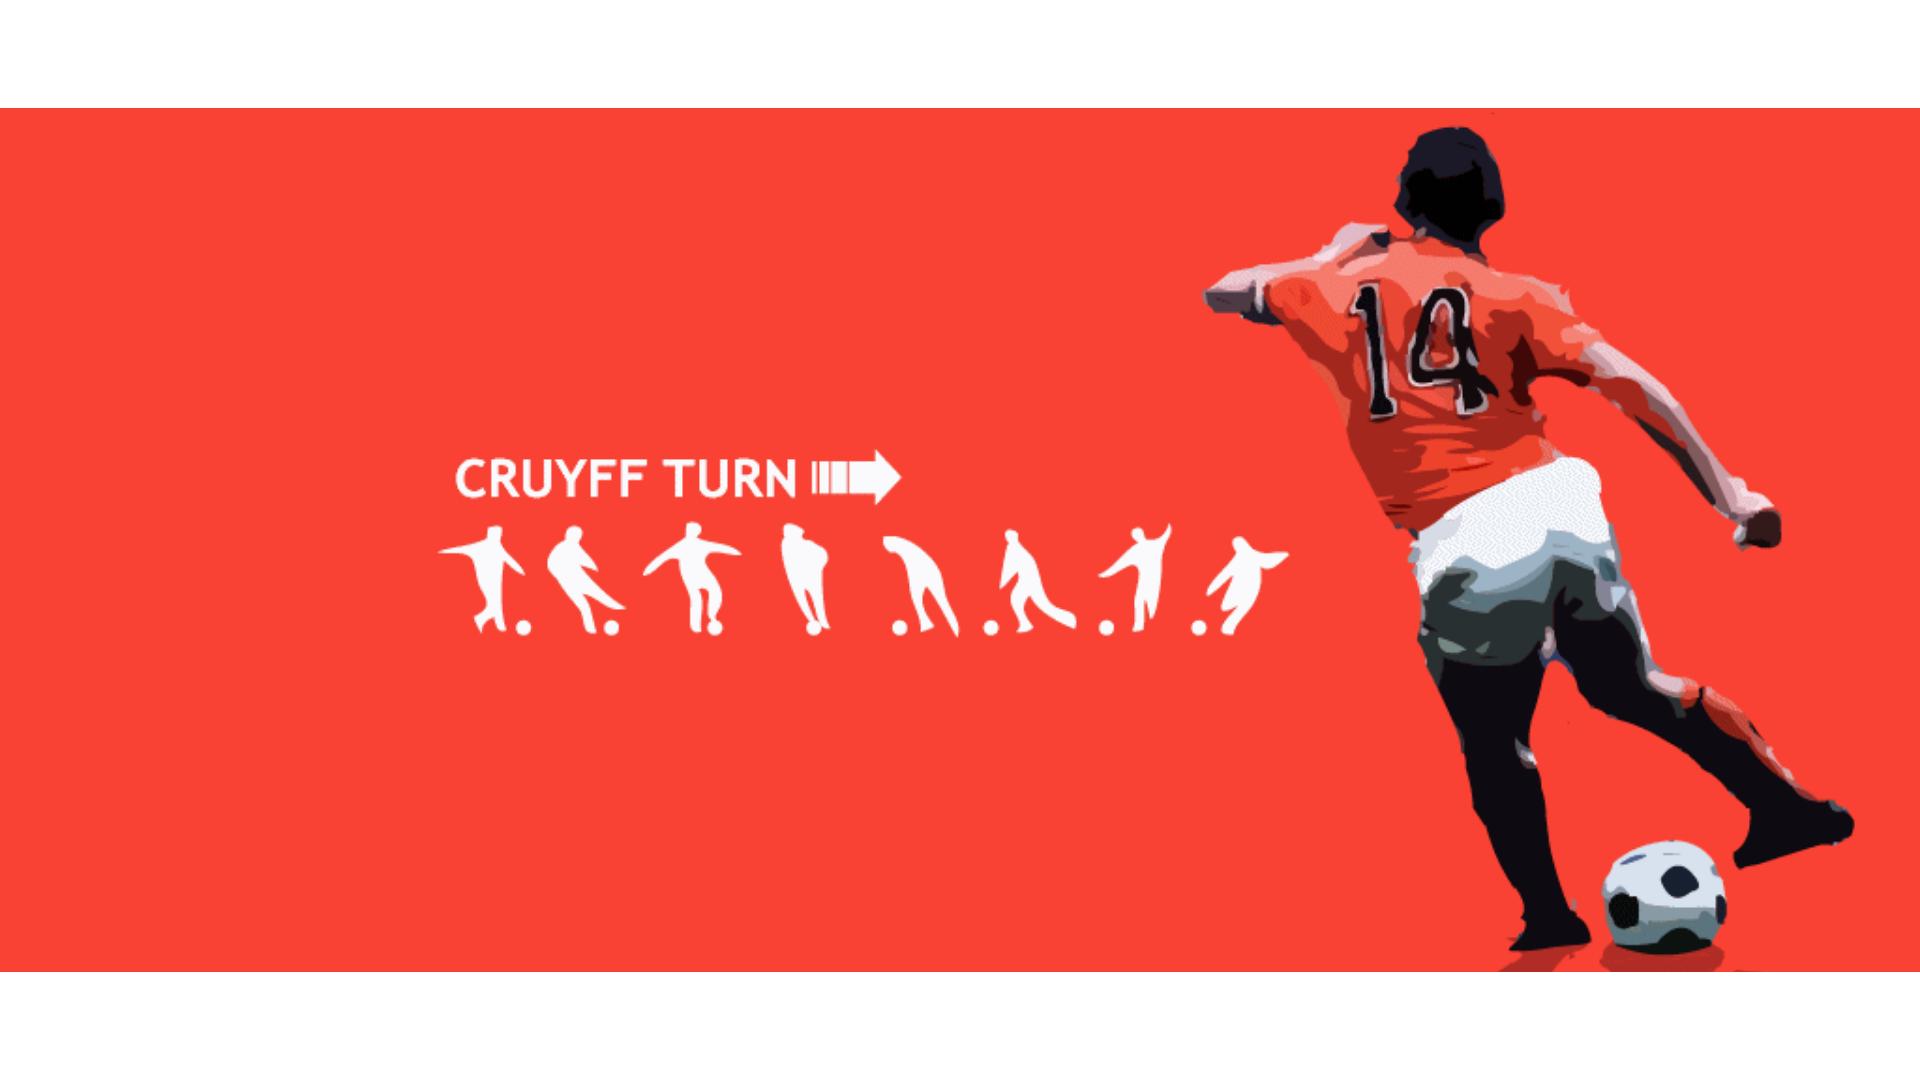 Harika portakal kitabında geçen cruyff dönüşüne ait bir görsel.